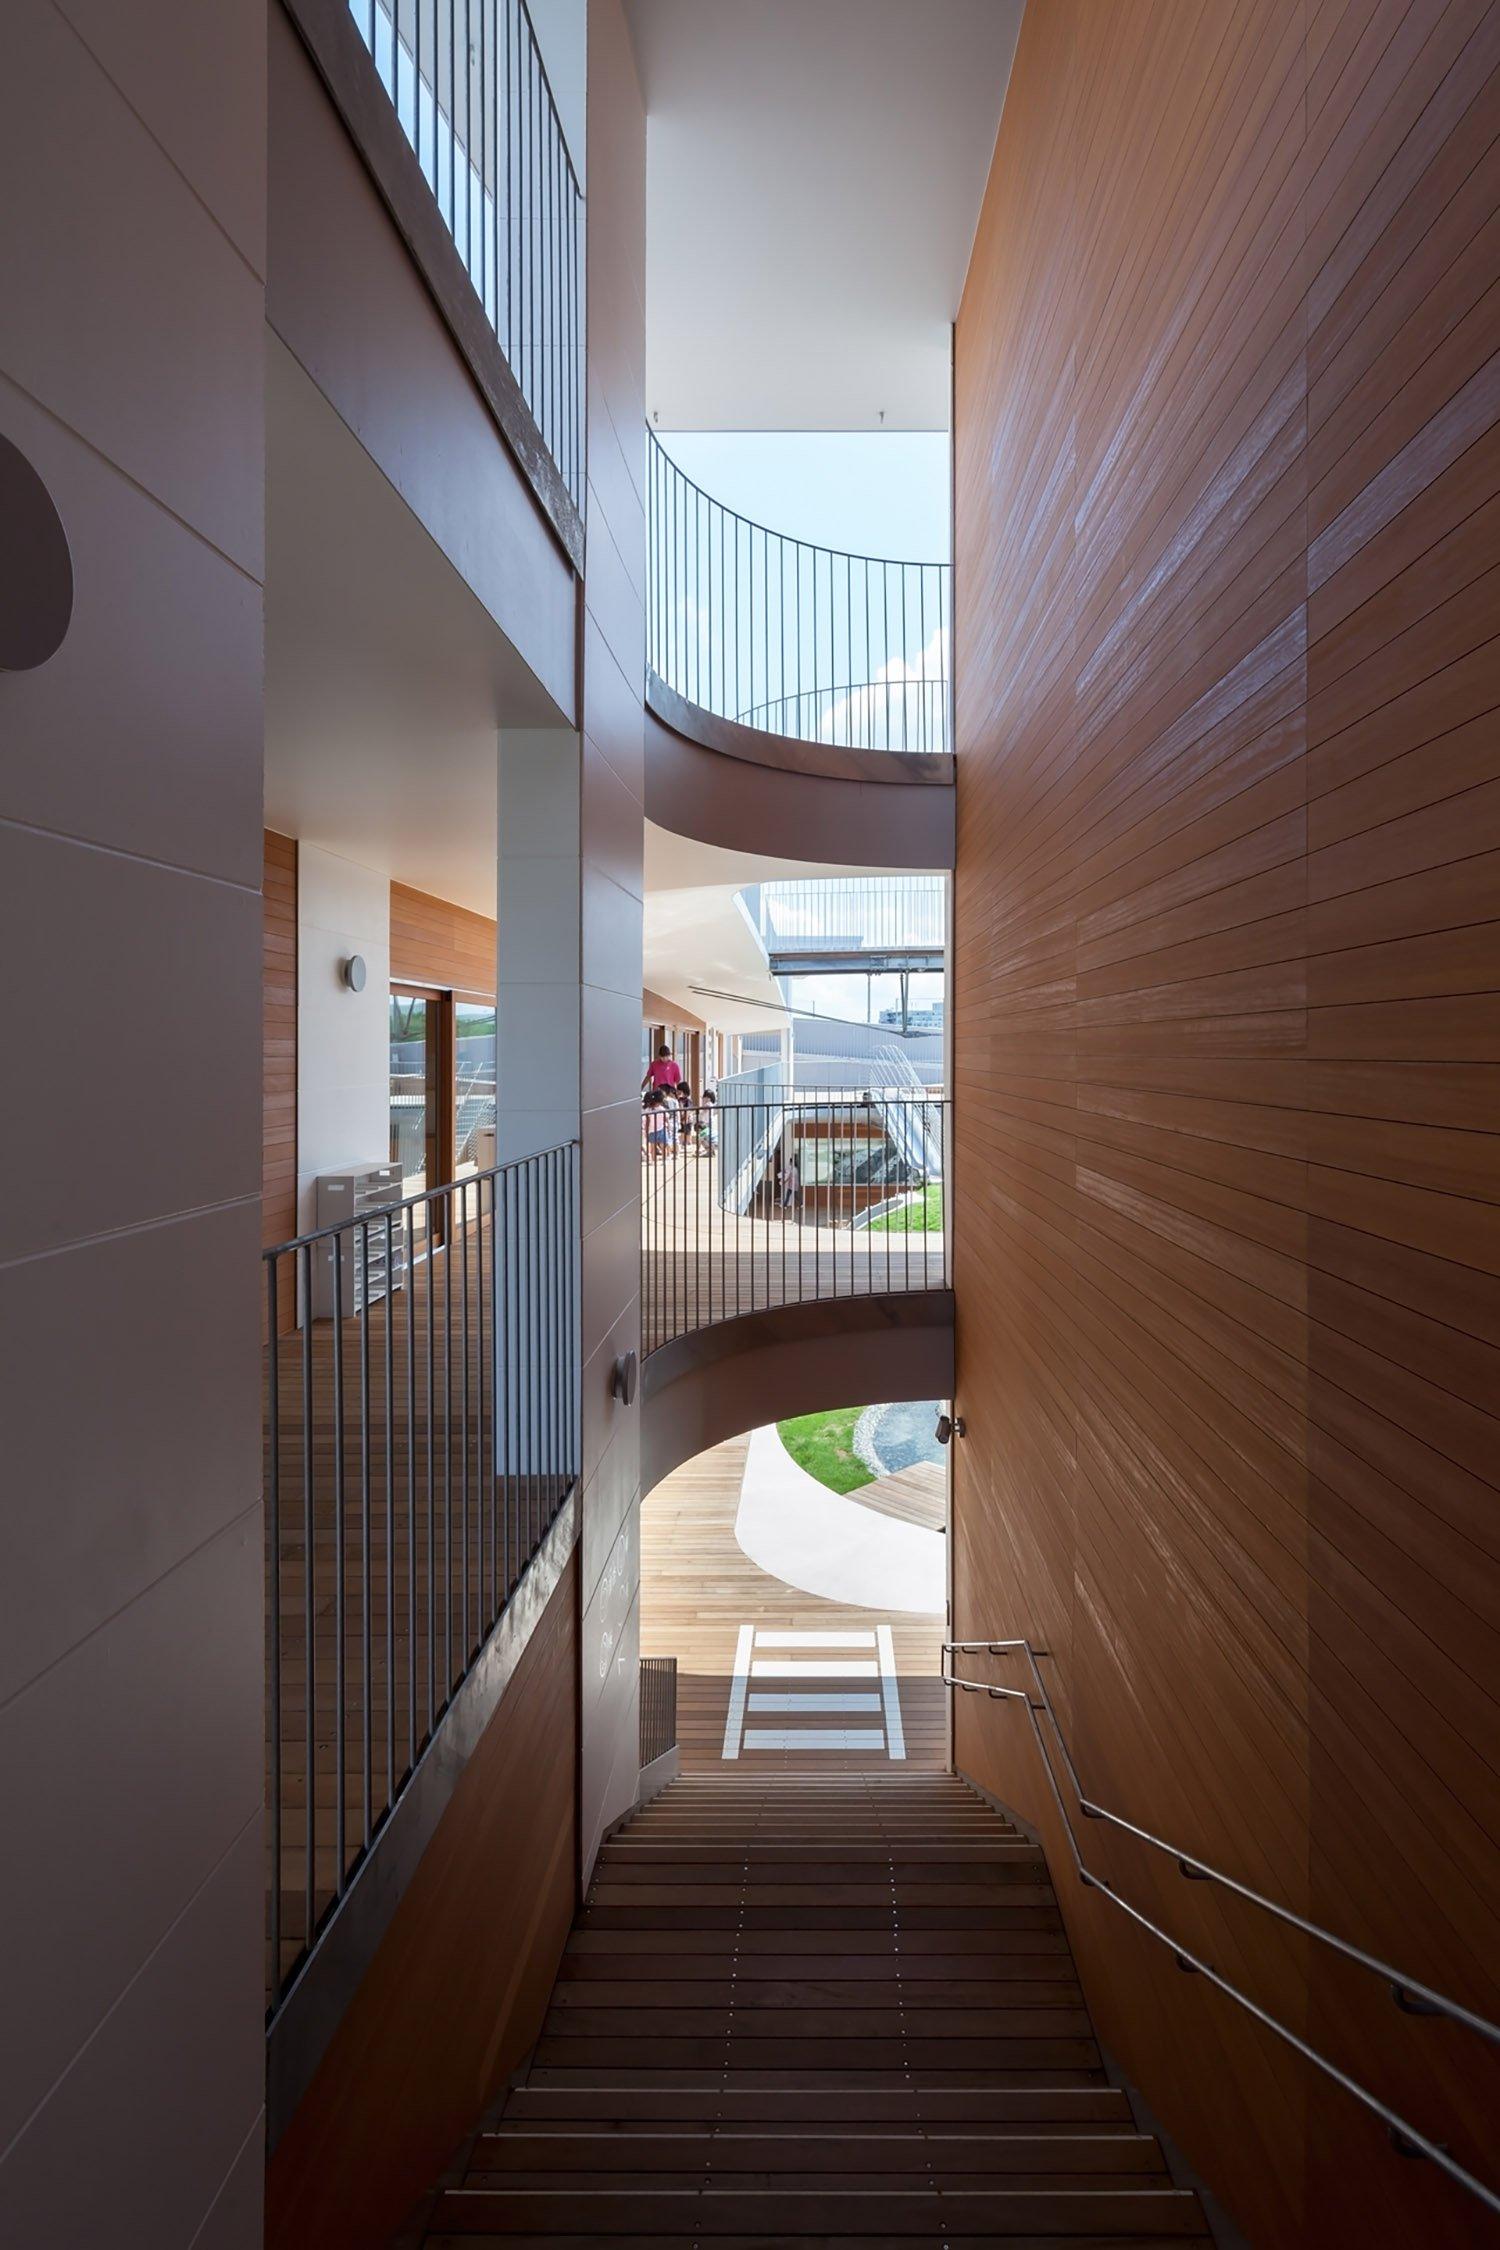 Stairwell }